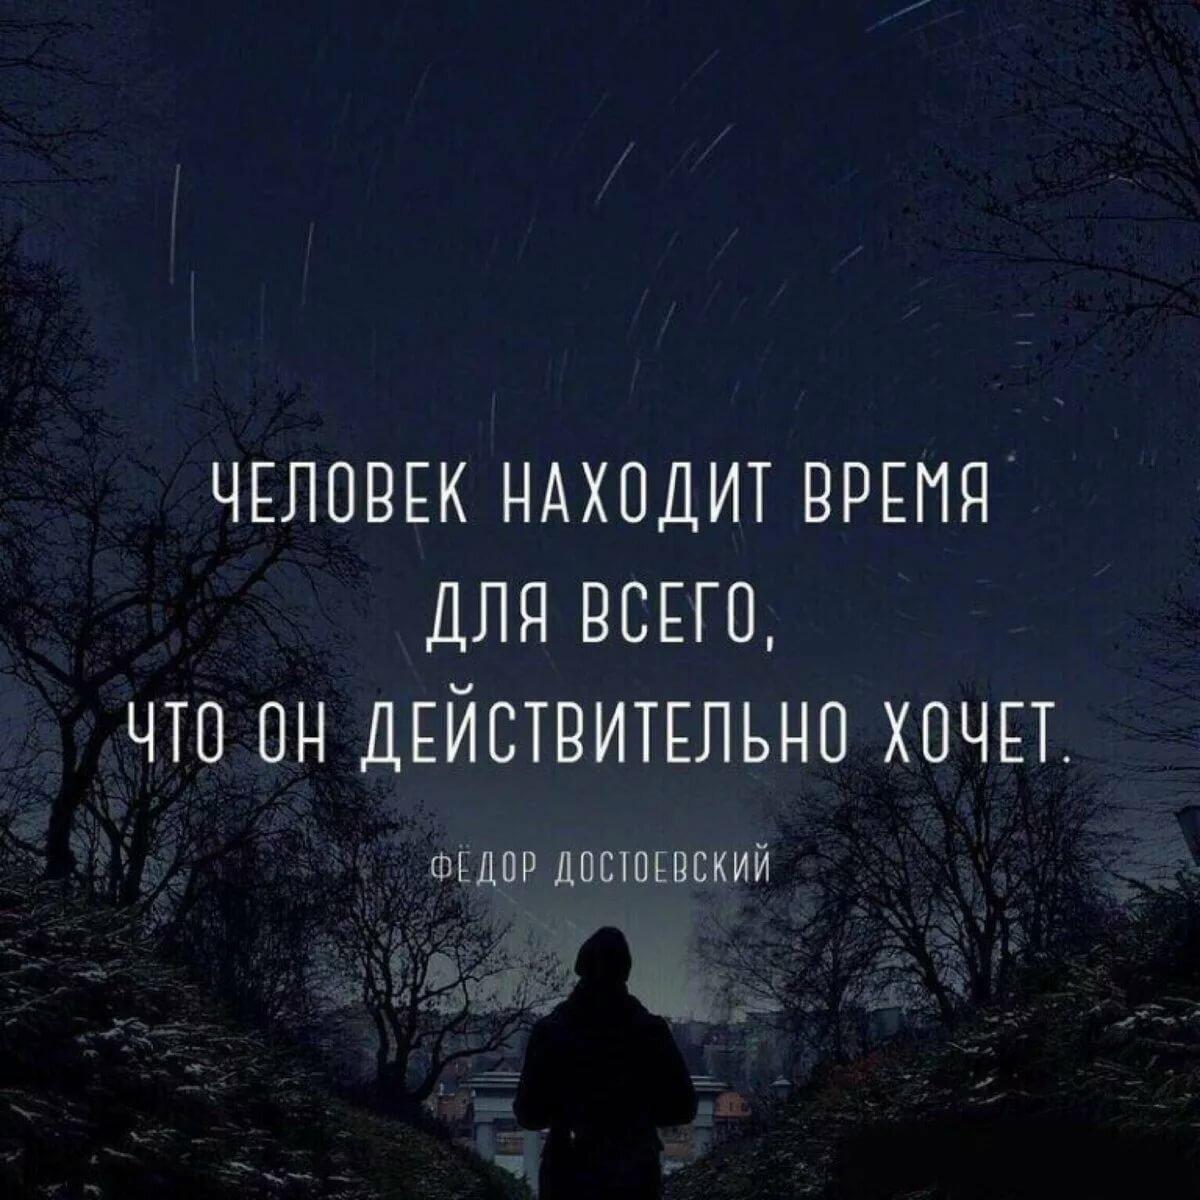 Февраля украина, картинки с цитатами со смыслом про жизнь для мужчин